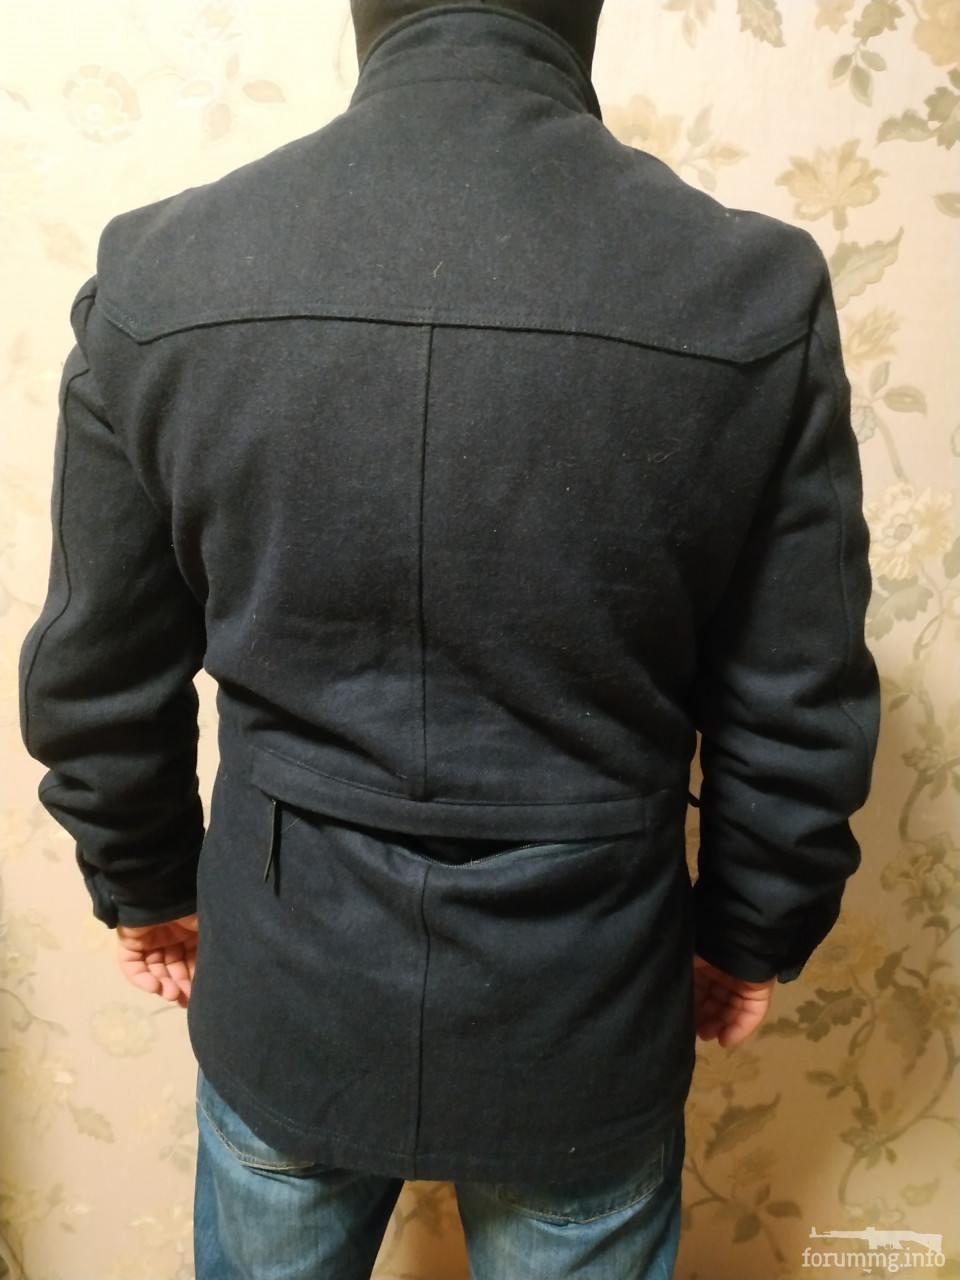 136461 - Тепла куртка в мілітарі стилі